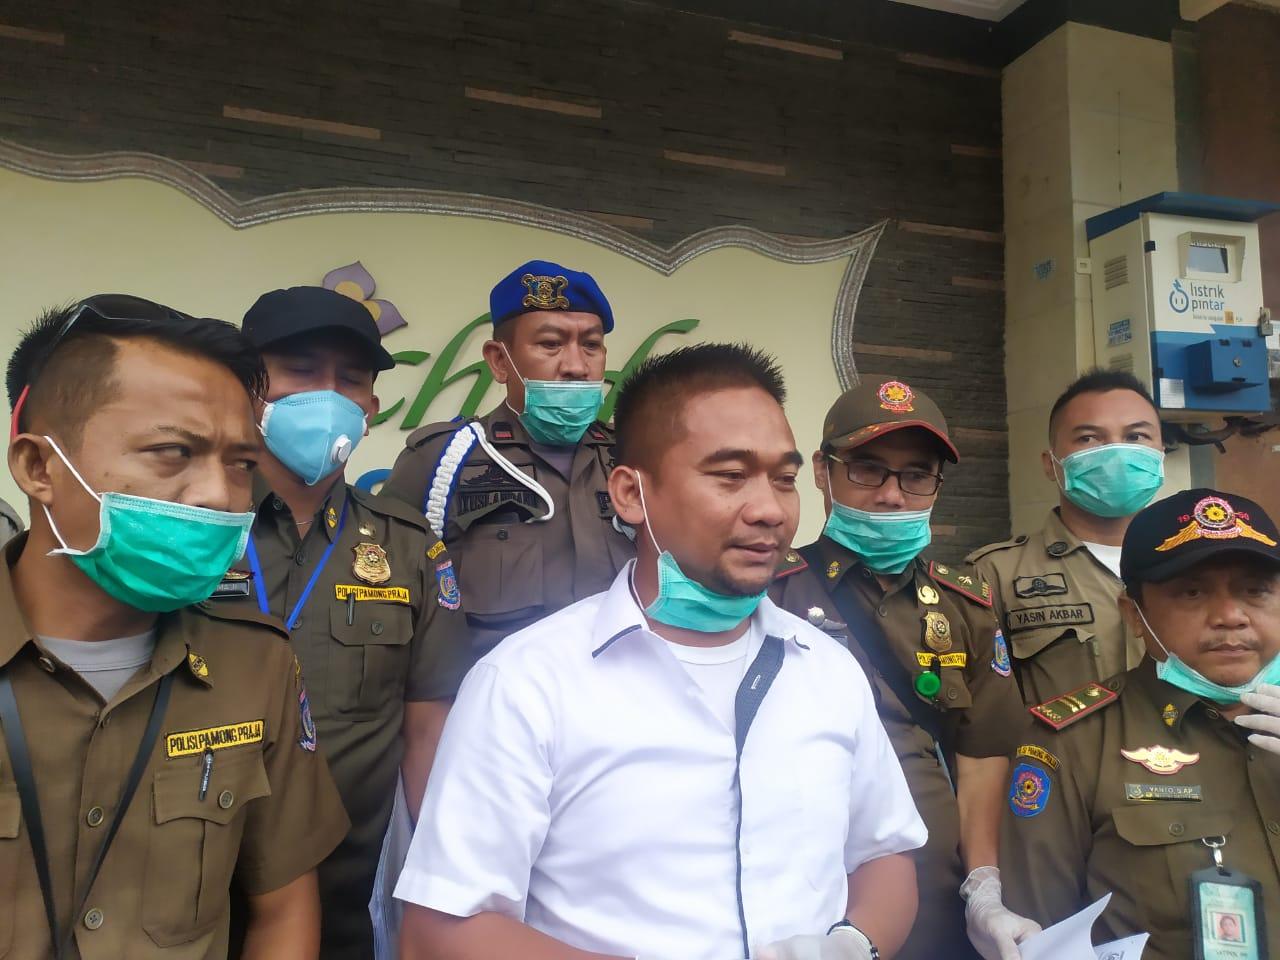 Satuan Polisi Pamong Praja (Satpol PP) Kota Tangerang Selatan melakukan razia di tempat hiburan malam karaoke, Rabu (18/3/2020).